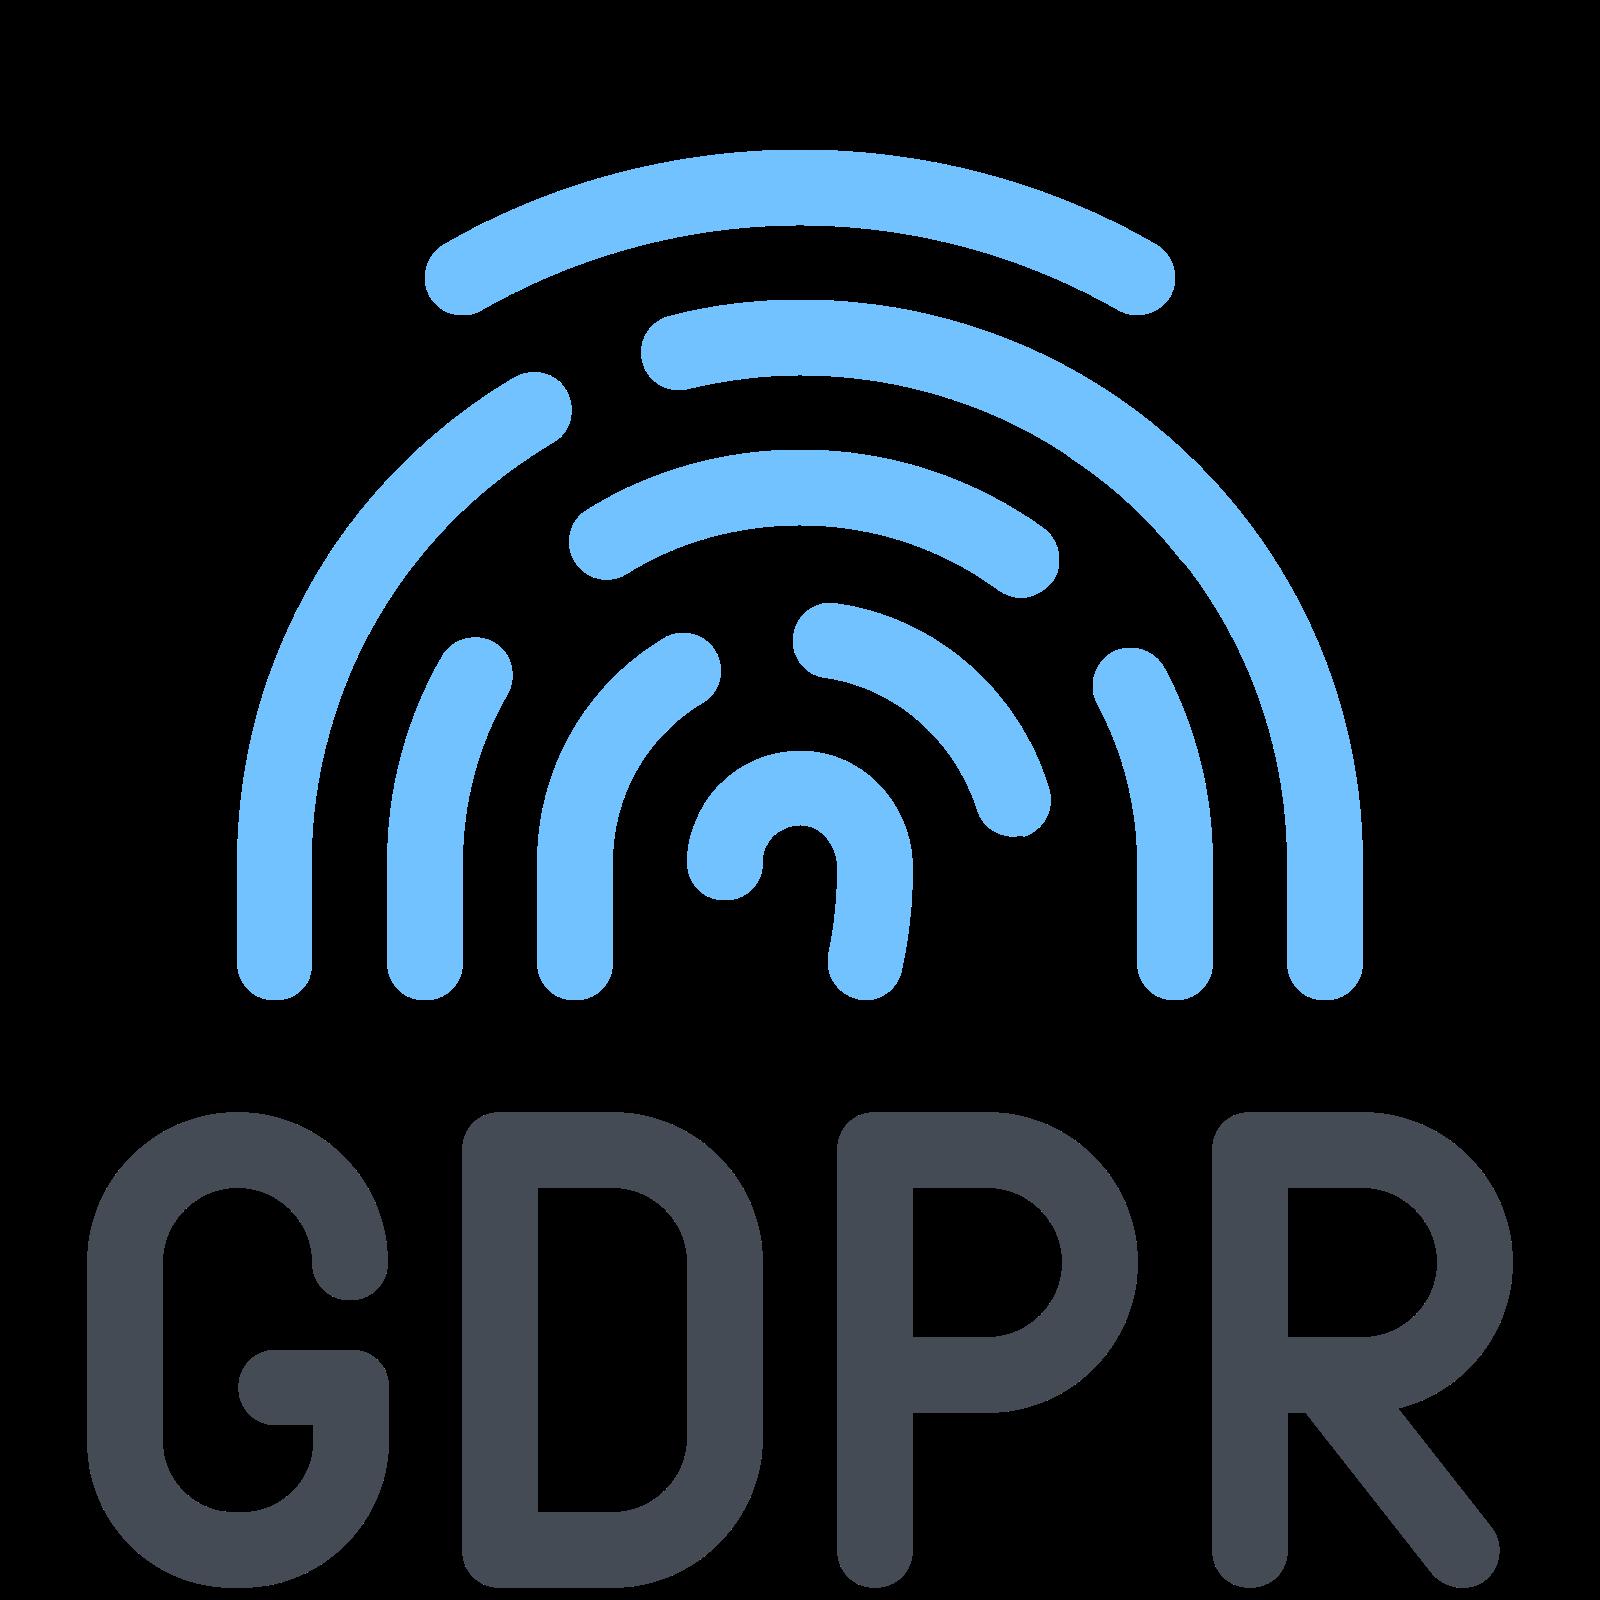 GDPR Fingerprint icon